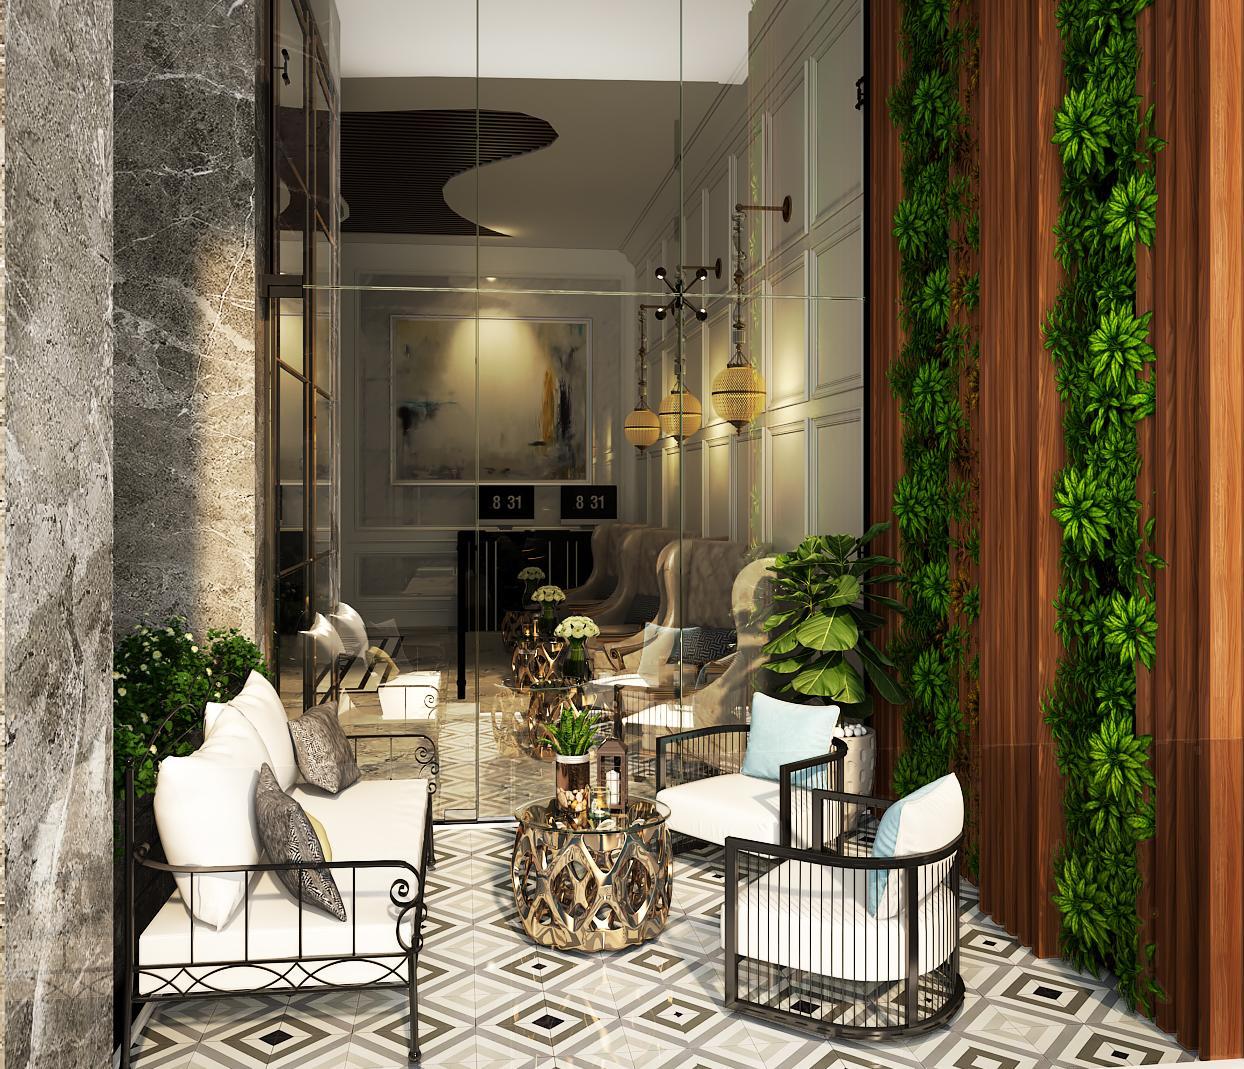 Dự án khách sạn La Vague